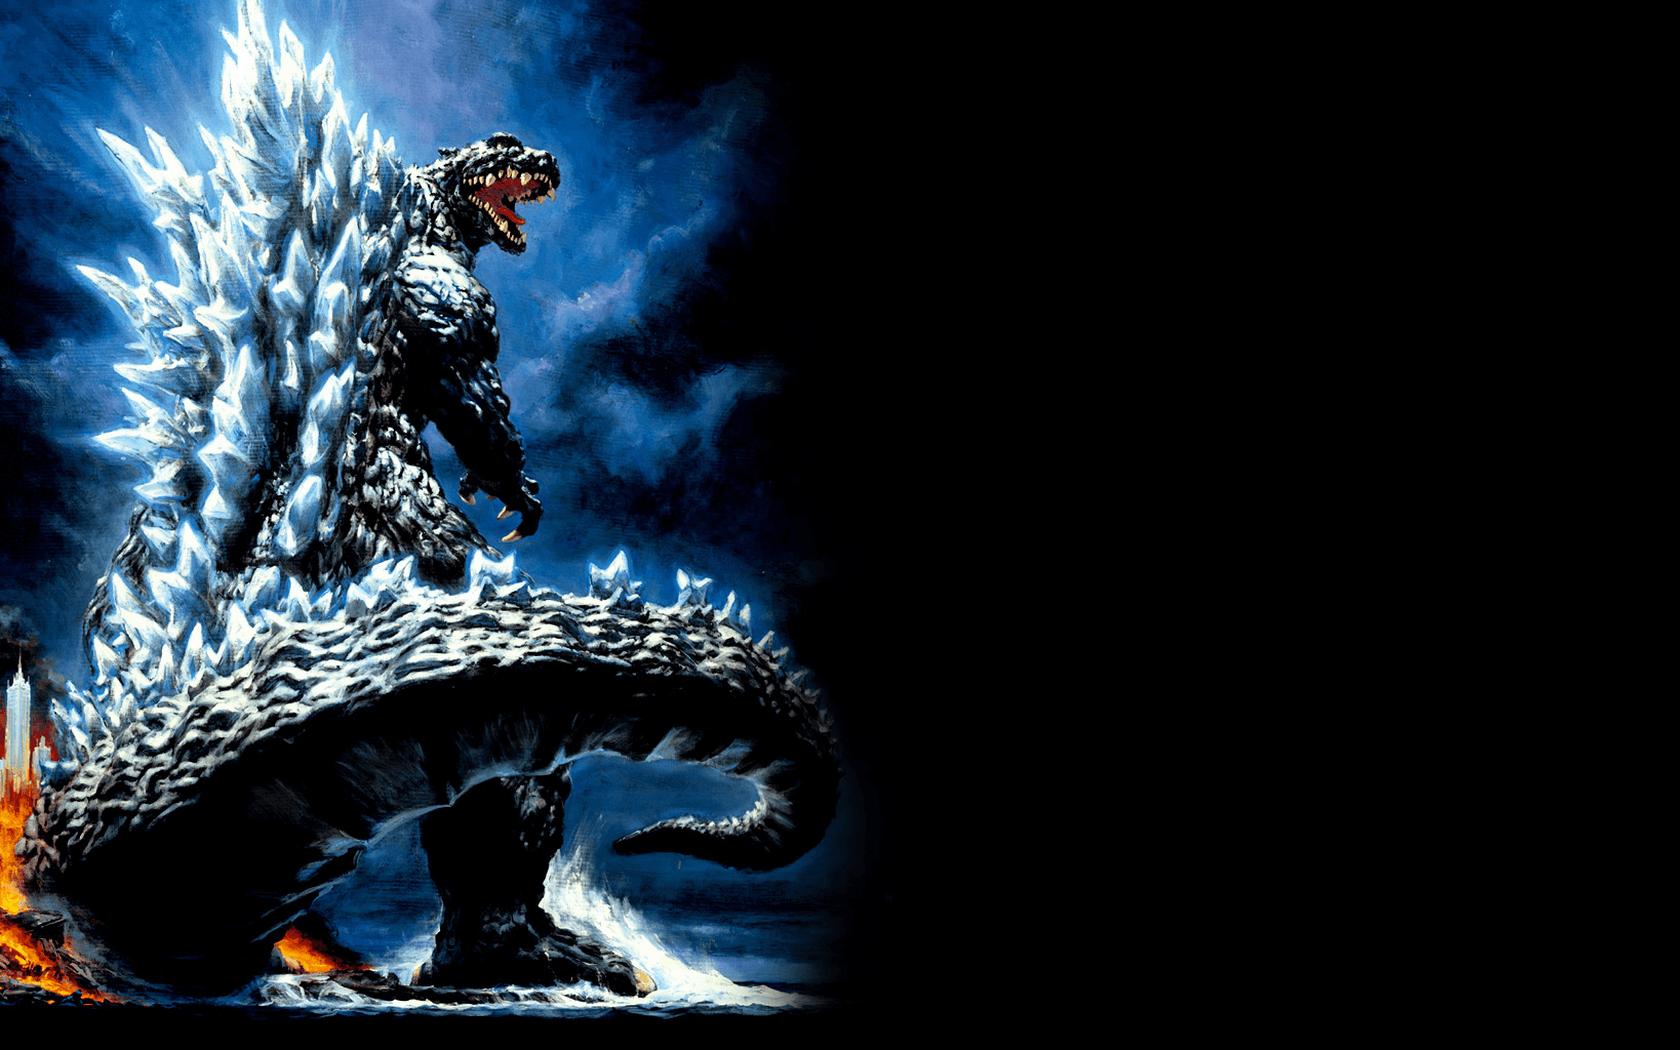 1680x1050 Hình ảnh Tuyệt vời.  Hình nền định nghĩa Godzilla HQ